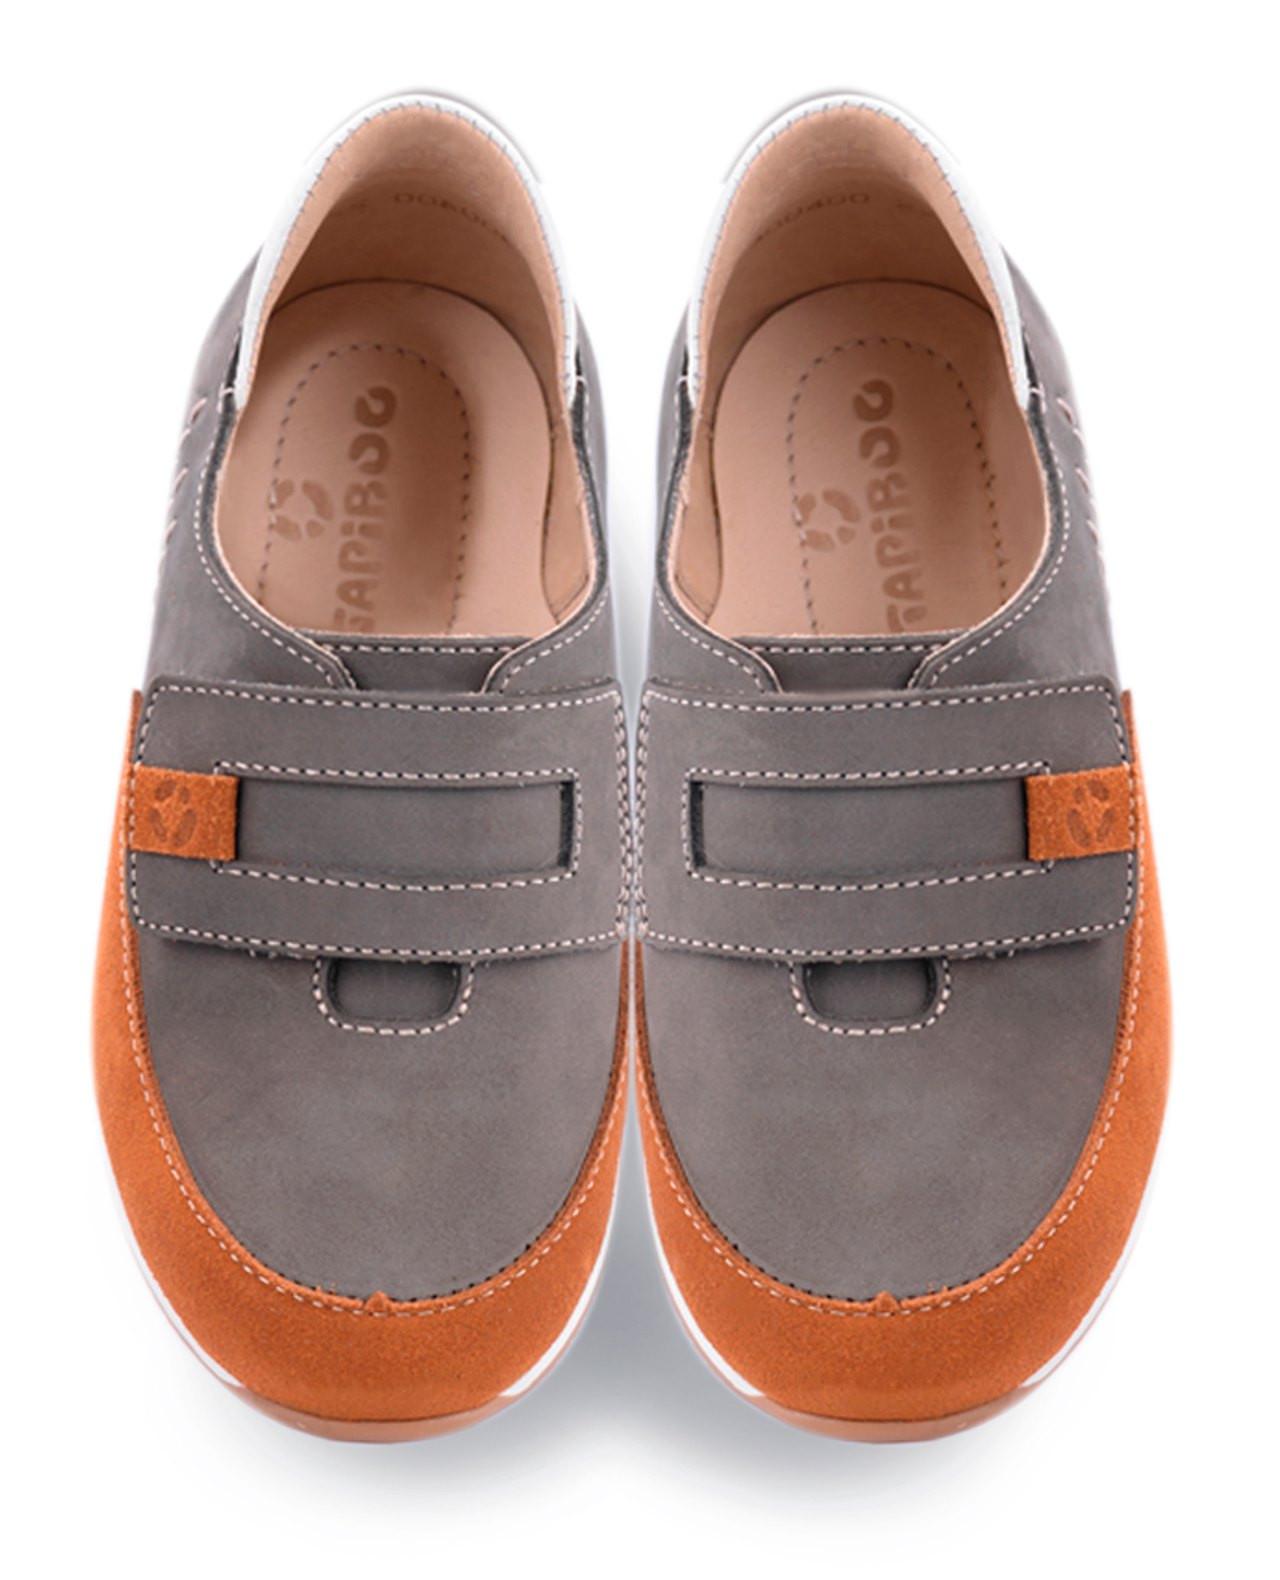 """Полуботинки Детские, Tapiboo Ива (43577, 33 )Ботинки<br>Полуботинки из коллекции «СПОРТ». Несмотря <br>на ярко-выраженный спортивный дизайн обладают <br>всеми необходимыми свойствами профилактической <br>обуви. Каблук продлен с внутренней стороны <br>до середины стопы, чтобы исключить вращение <br>(заваливание) стопы вовнутрь (вальгусная <br>деформация). Многослойная, анатомическая <br>стелька со сводоподдерживающим элементом <br>для правильного формирования стопы. Благодаря <br>использованию современных внутренних материалов <br>позволяет оптимально распределить нагрузку <br>по всей площади стопы и свести к минимуму <br>ее ударную составляющую. Жесткий фиксирующий <br>задник надежно стабилизирует голеностопный <br>сустав во время ходьбы. Упругая, эластичная <br>подошва, позволяет повторить естественное <br>движение стопы при ходьбе для правильного <br>распределения нагрузки на опорно-двигательный <br>аппарат ребенка. Подкладка из кожи теленка <br>обладает мягкостью и природной способностью <br>пропускать воздух для создания оптимального <br>температурного режима (нога не потеет) и <br>предотвращает натирание. Застежка типа <br>""""велкро"""" позволяет легко,<br>Размер INT: M; Цвет: Красный; Ширина: 100; Высота: 200; Вес: 1000;"""